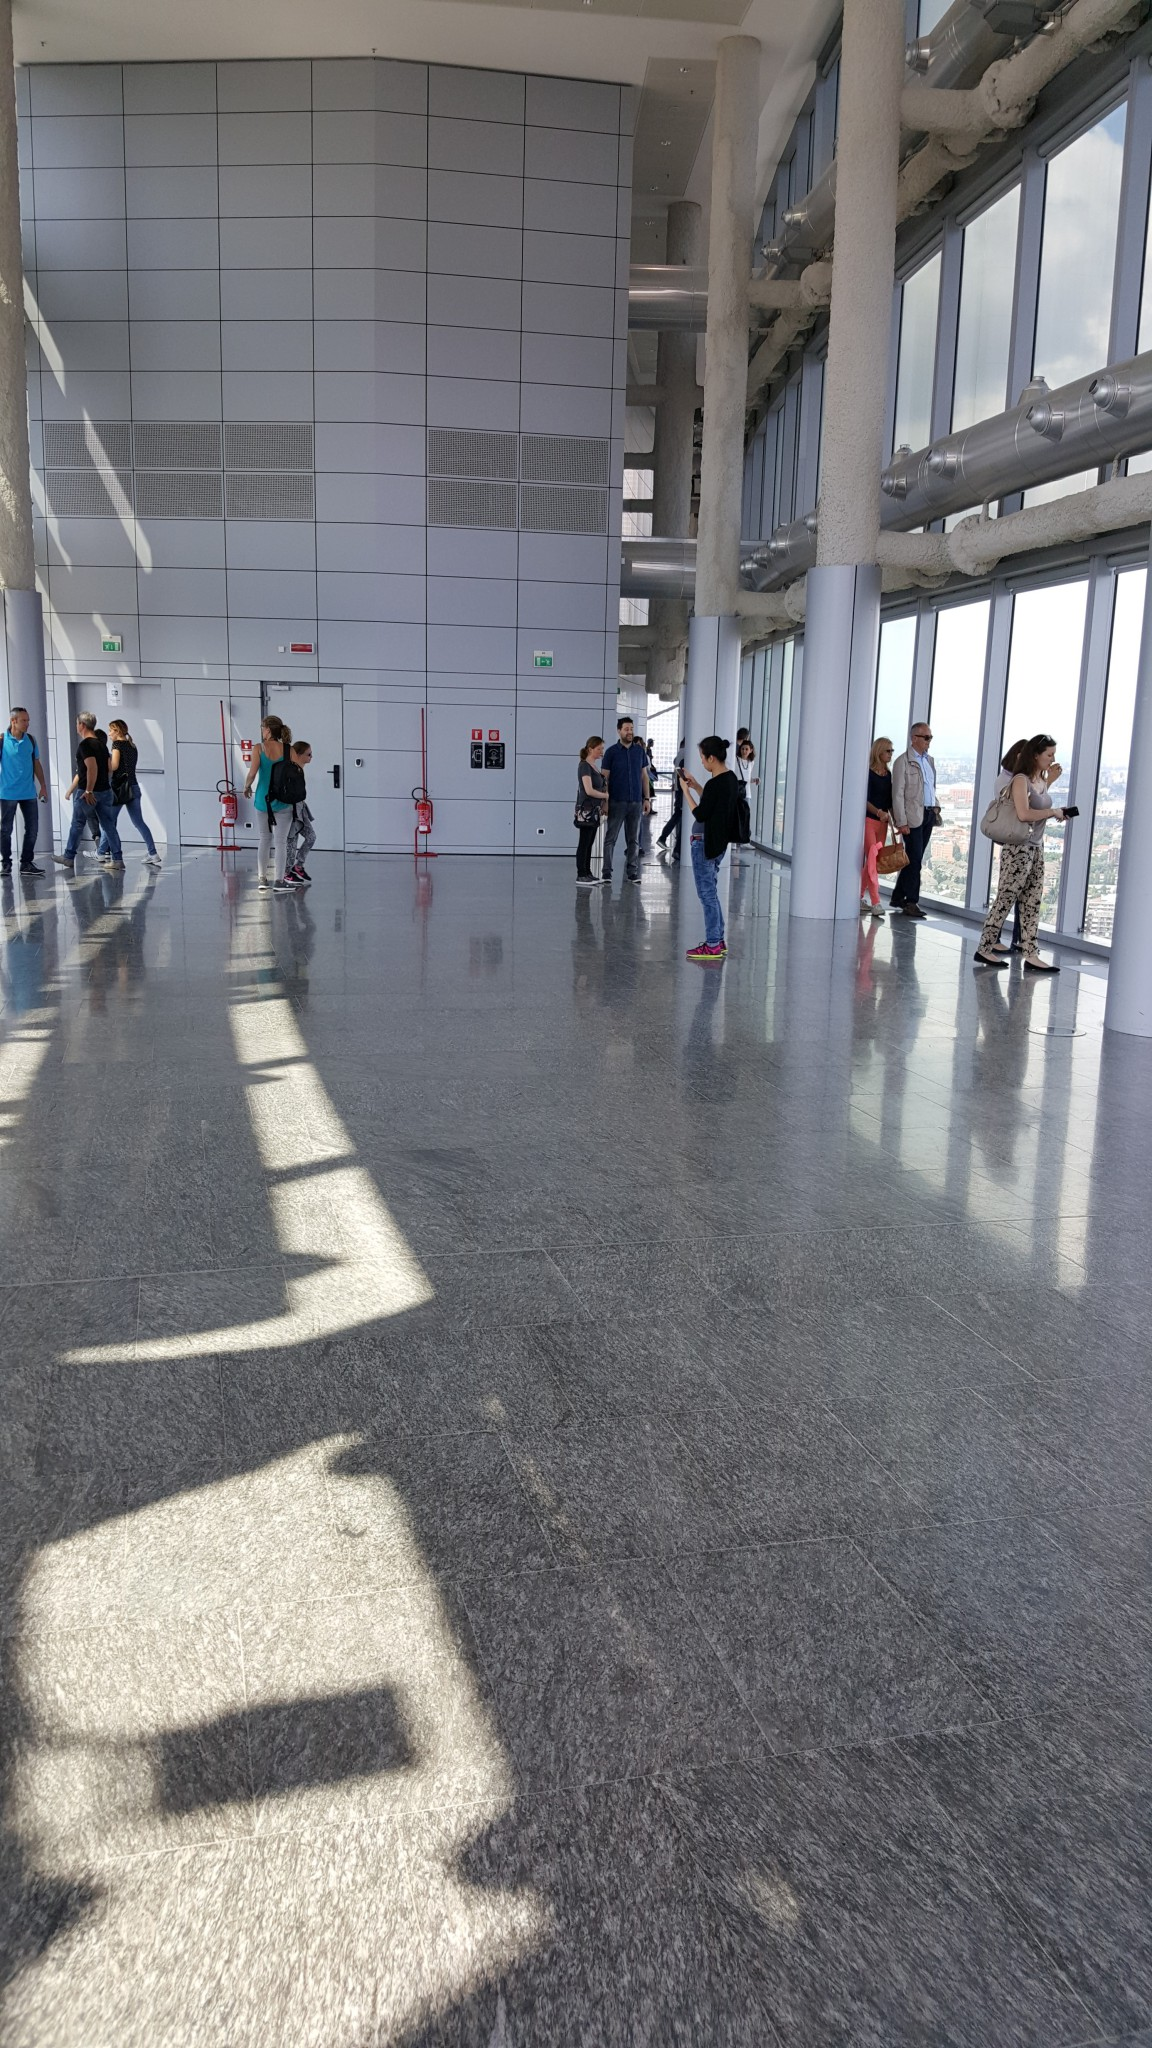 Regione Lombardia: pavimentazione interna uffici in marmo